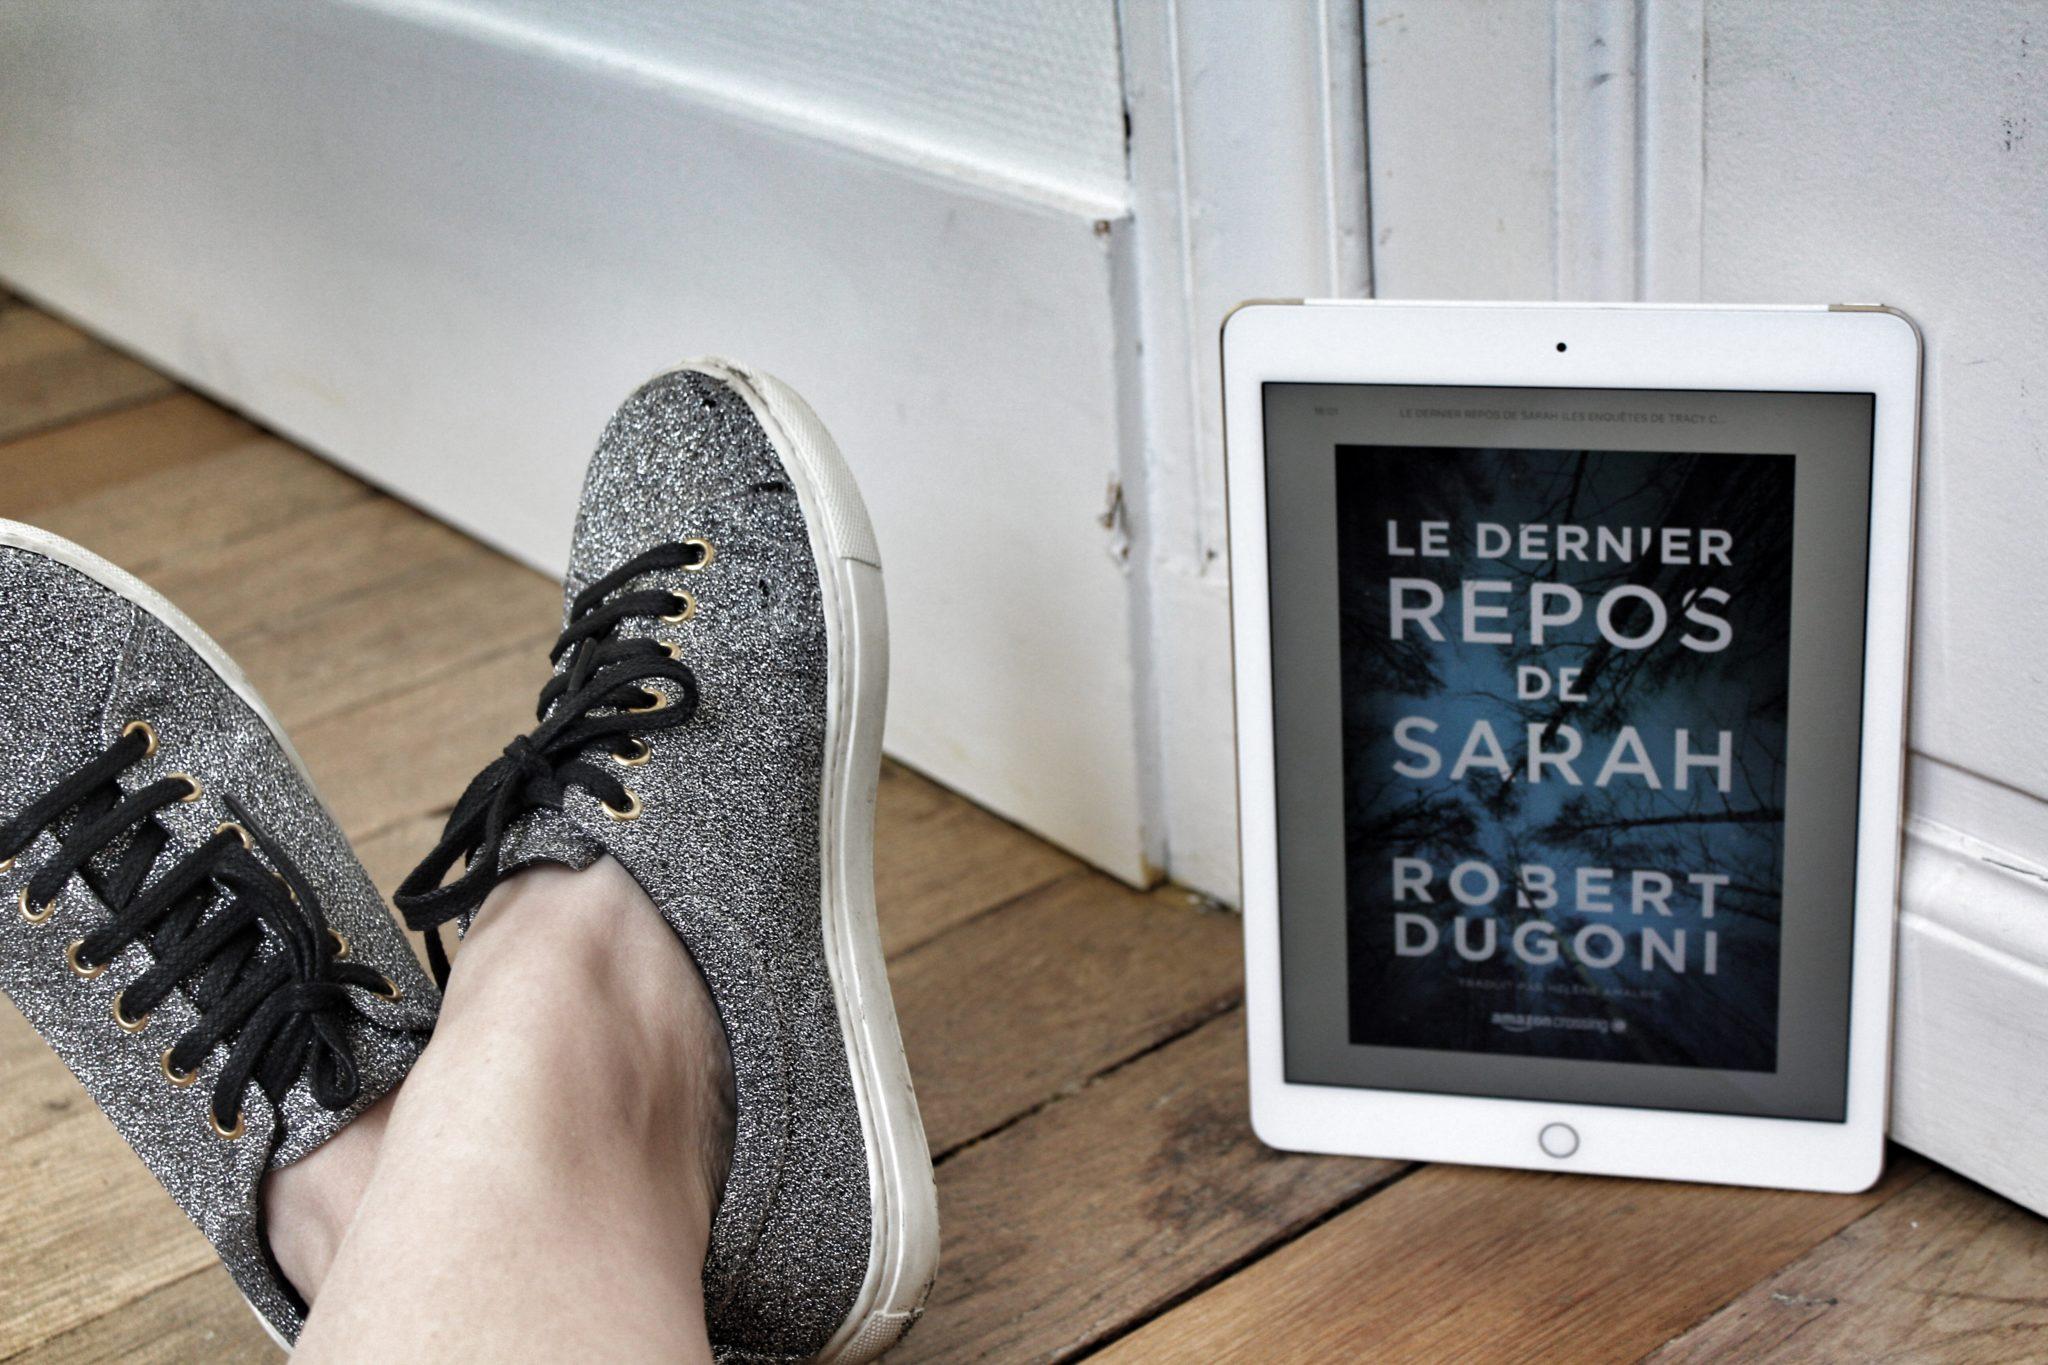 Le dernier repos de Sarah de Robert Dugoni